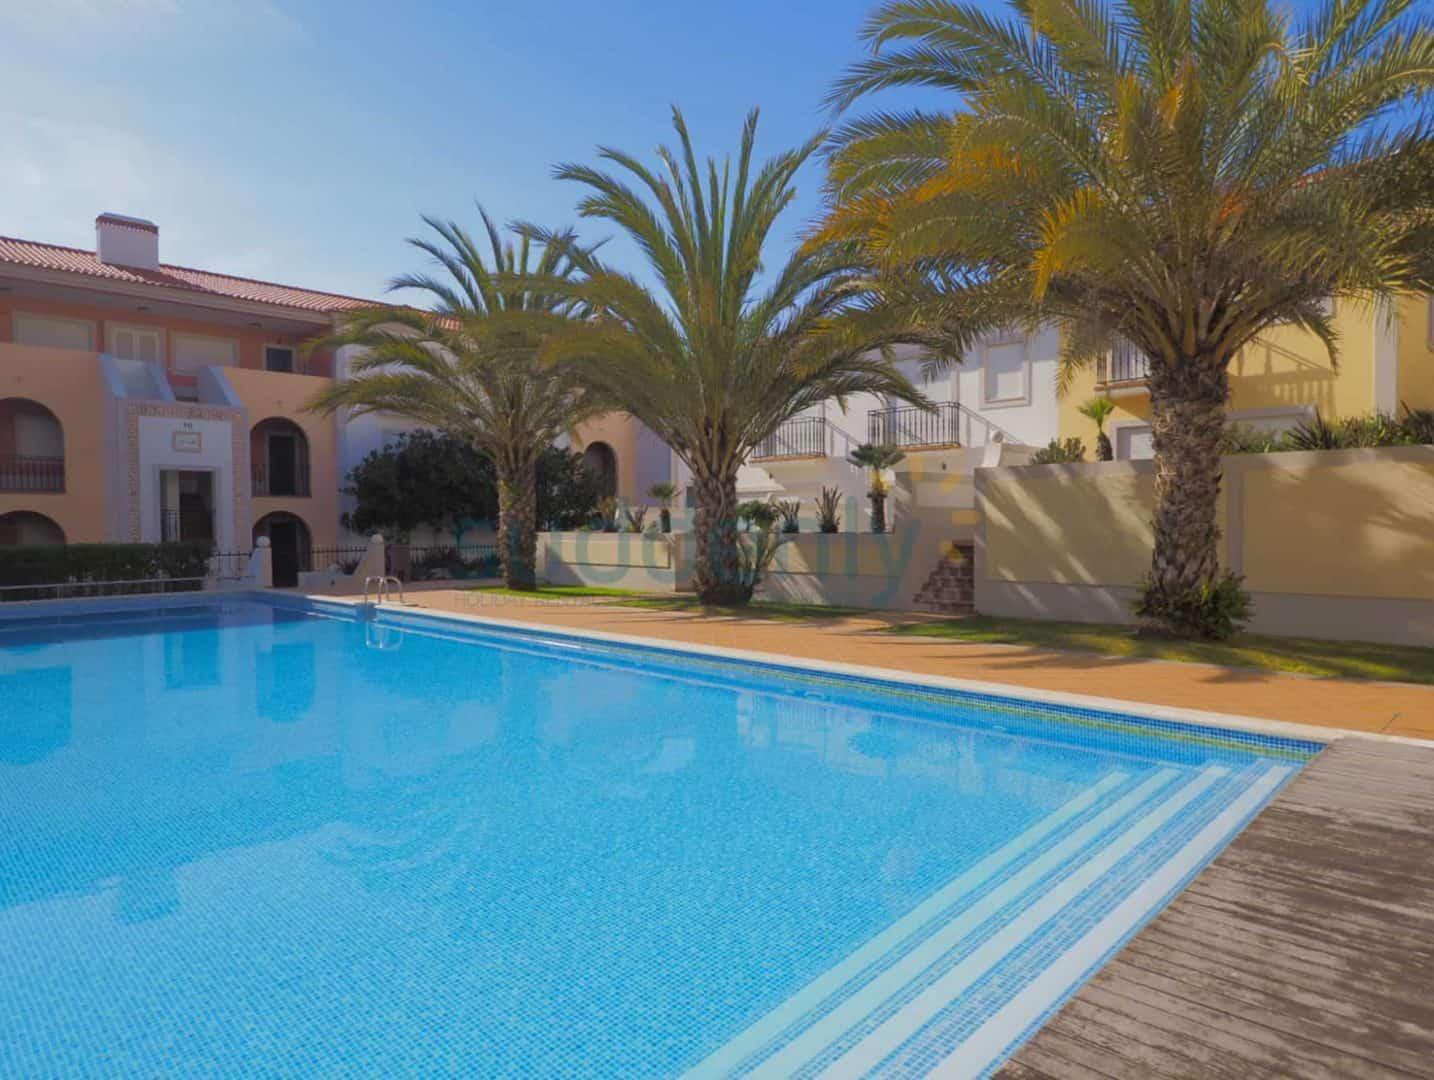 Holiday Rentals in Praia D'El Rey 273